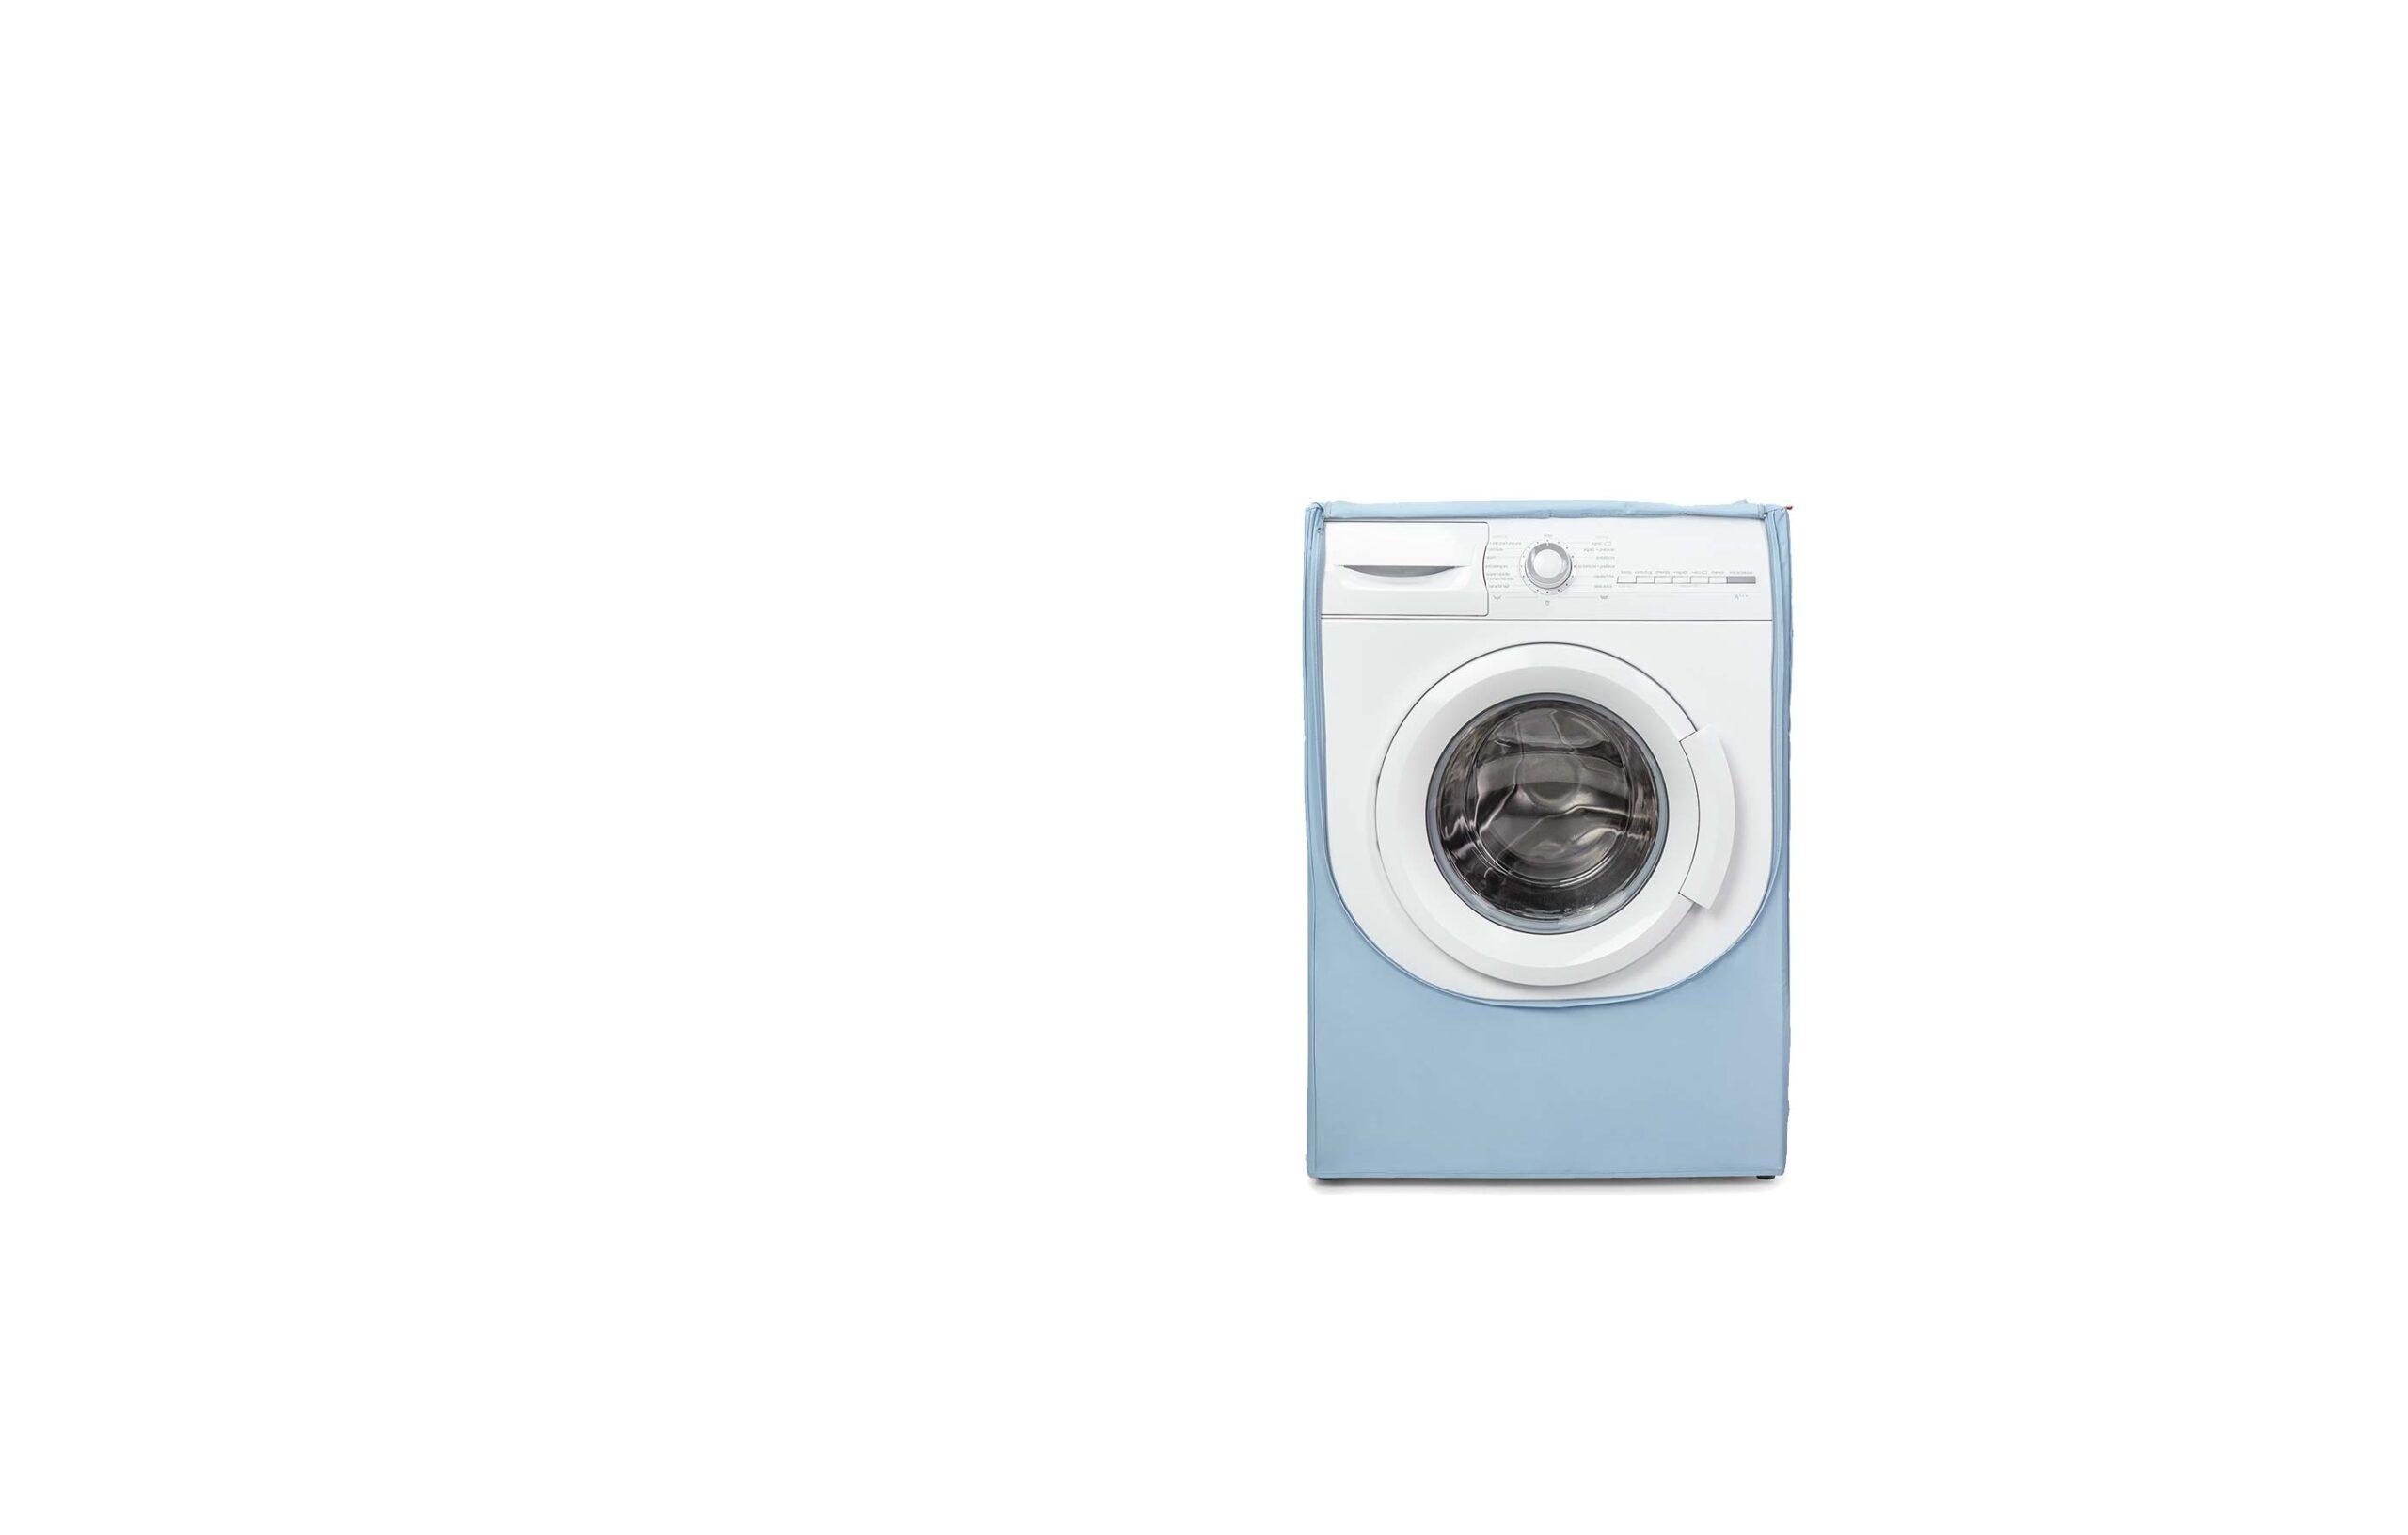 fundas-lavadora-2-scaled fundas-lavadora-2 | Rayen.com